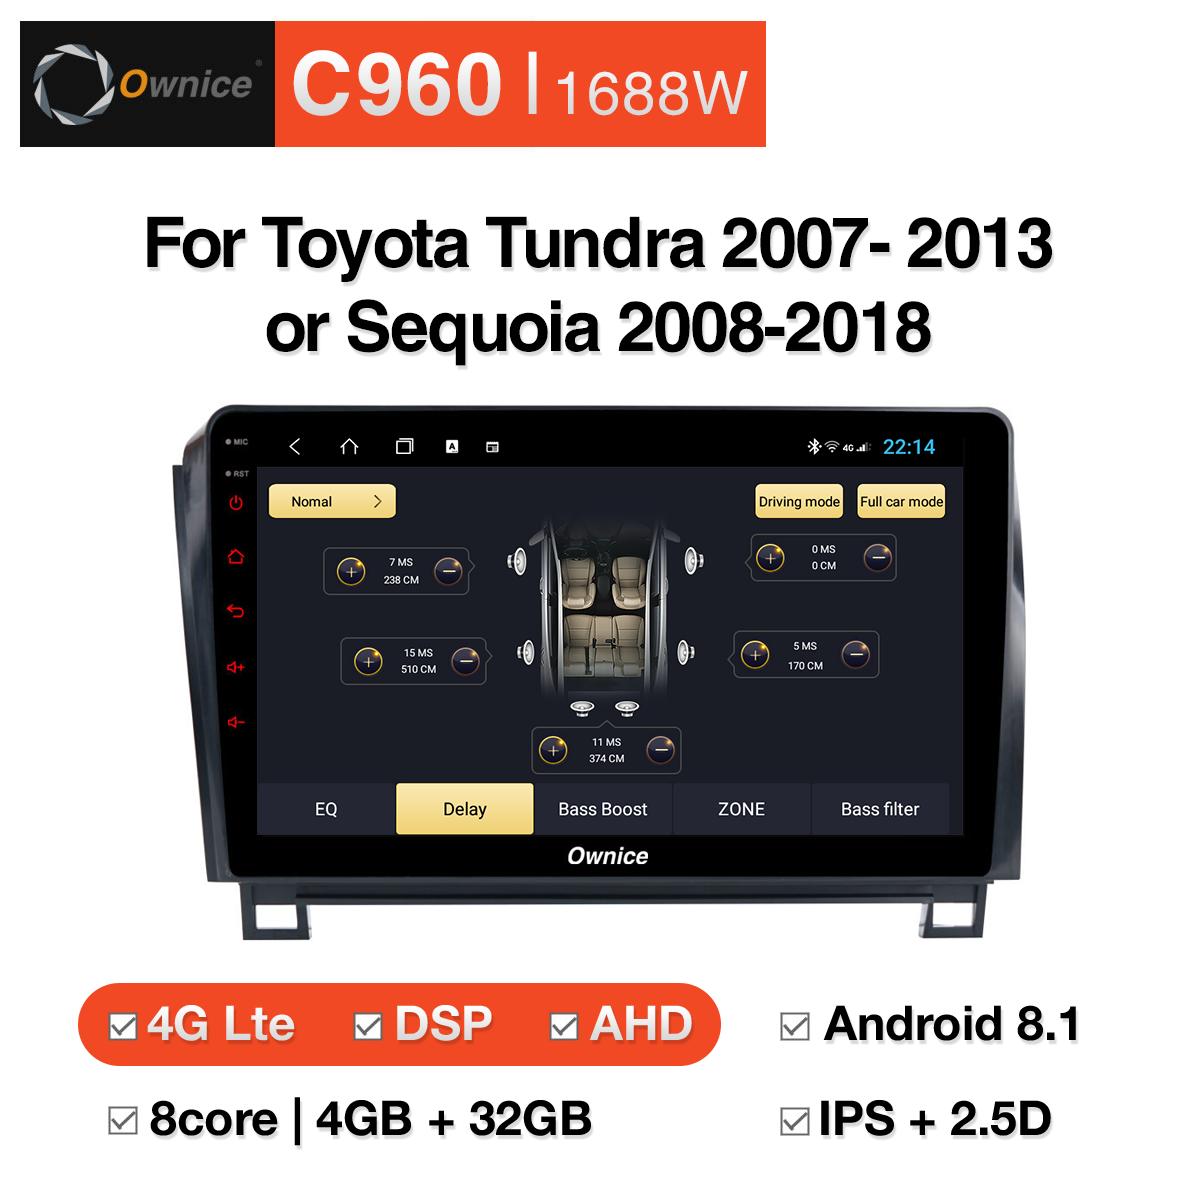 Đầu DVD android Ownice C960 cho xe ô tô Toyota Tundra 2007-2013/Sequoia 2008-2018:: OL-1688W